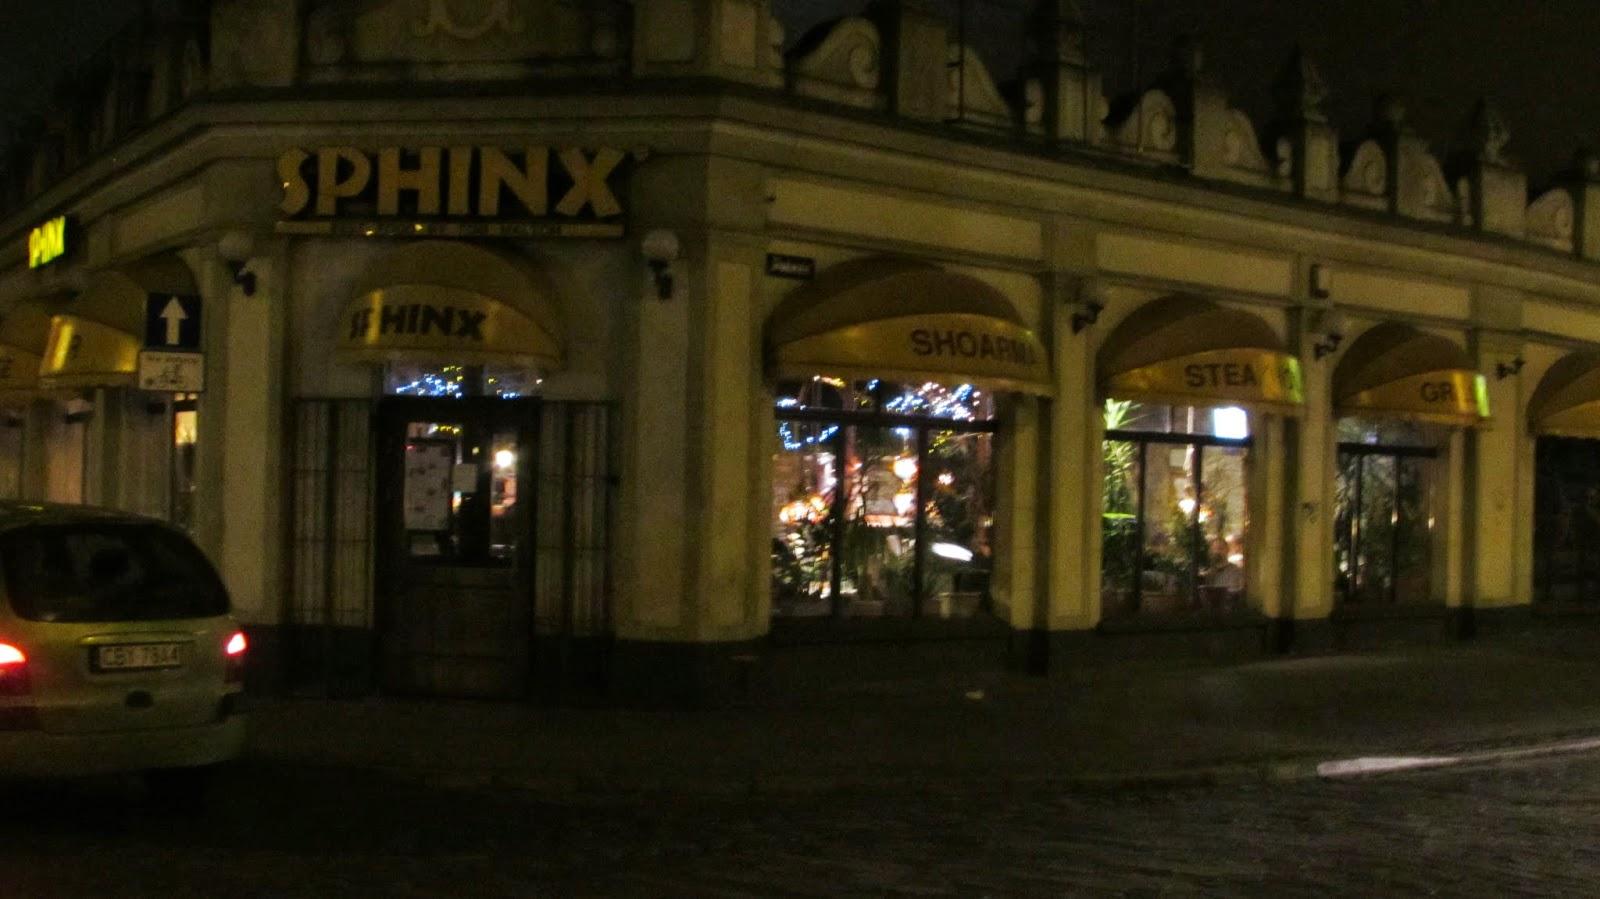 widok z zewnątrz na restaurację Sphinx